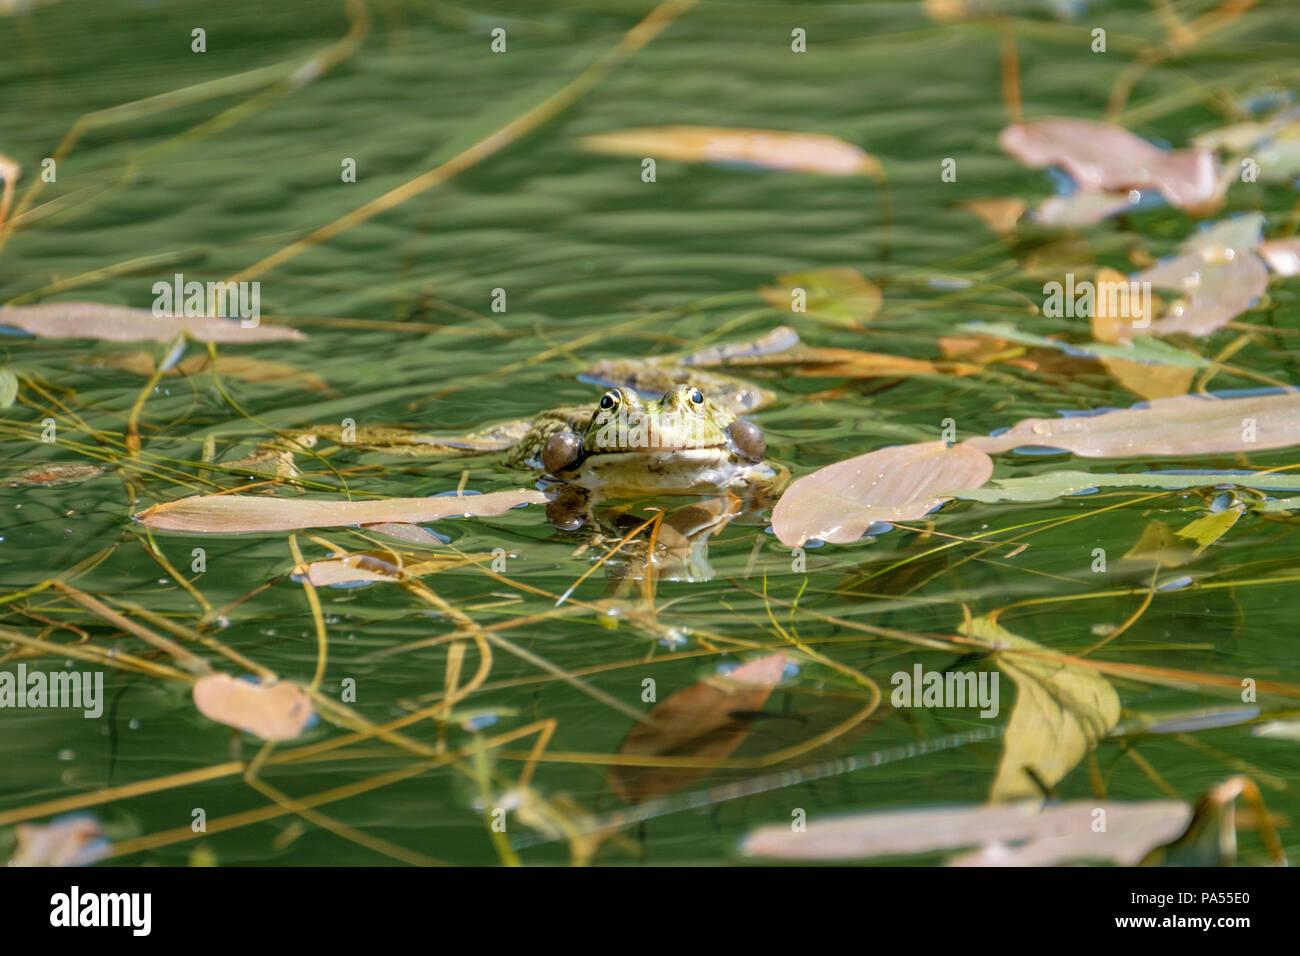 Happy Frosch in einen Teich. Frösche in einem schönen frisches Wasser Teich in der Schweiz Stockbild